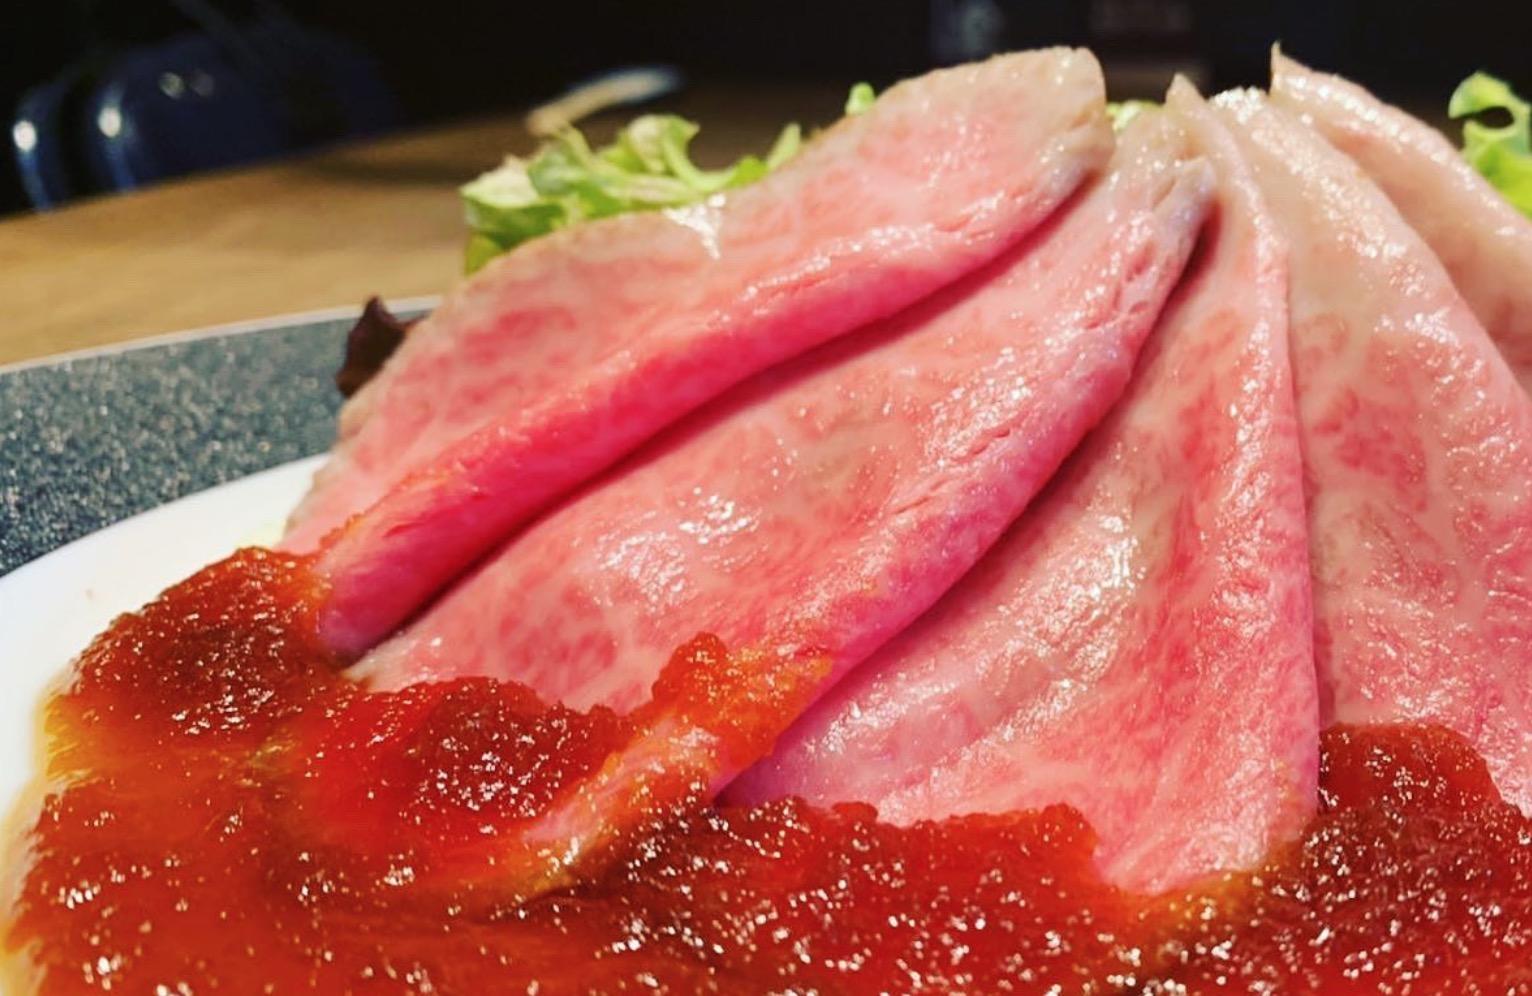 【熊本市中央区】炭火焼肉にくたらしのテイクアウト情報!通販でも購入できるよ!!